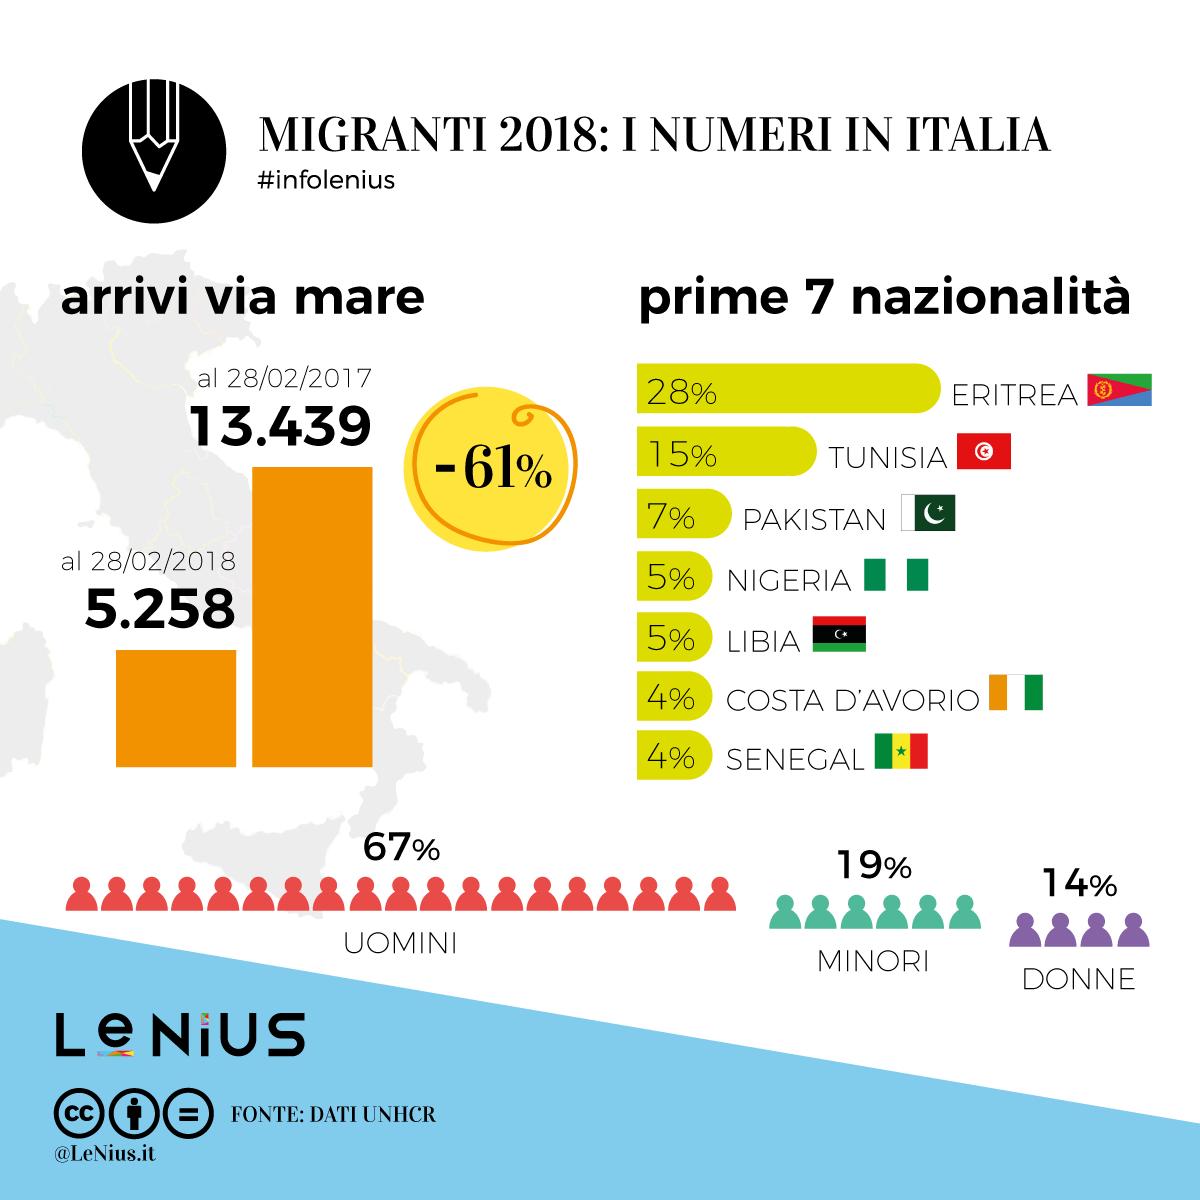 migranti in italia 2018